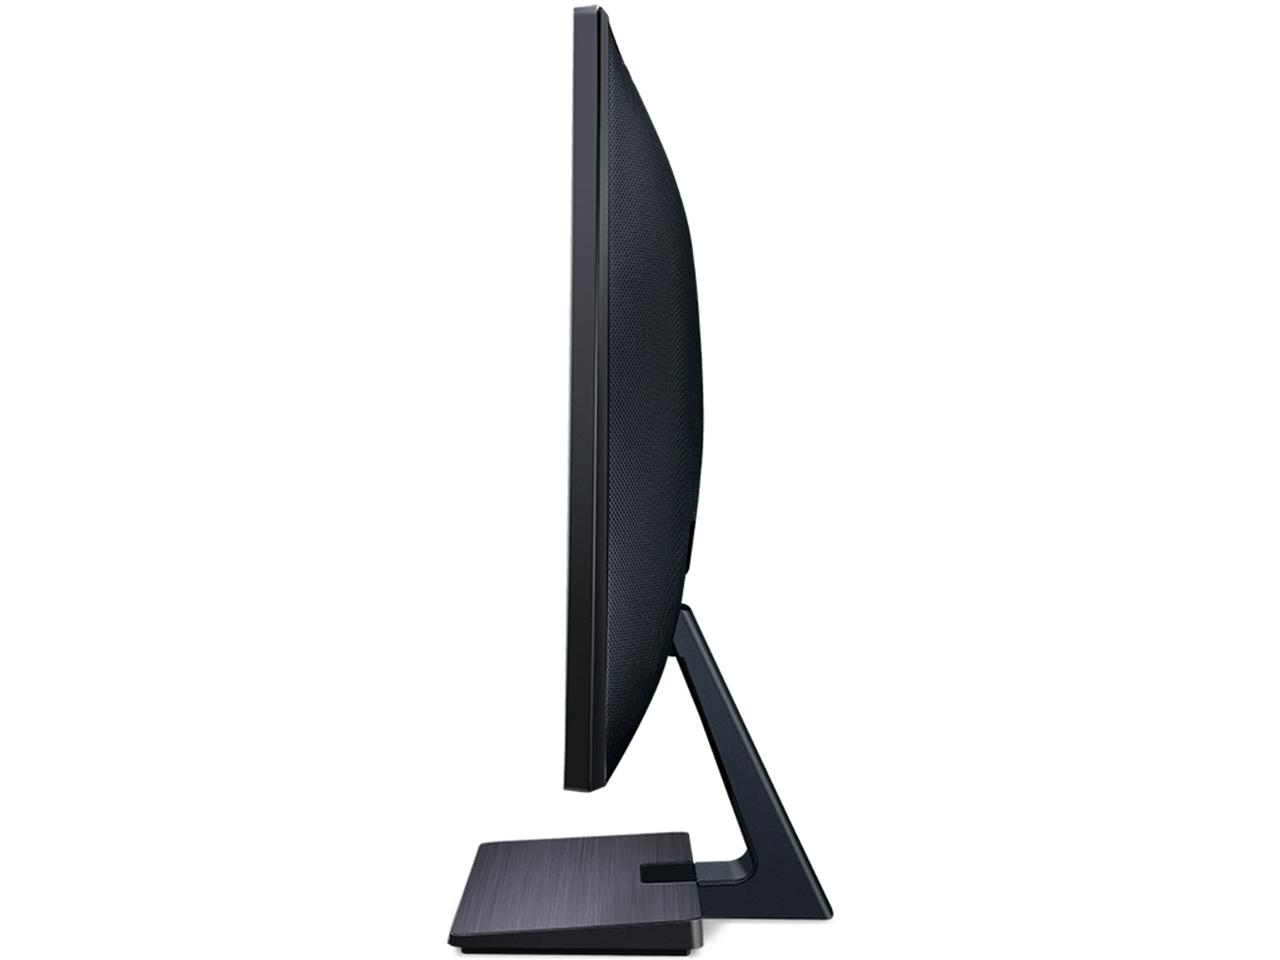 『本体 右側面』 GW2470HL [23.8インチ ブラック] の製品画像